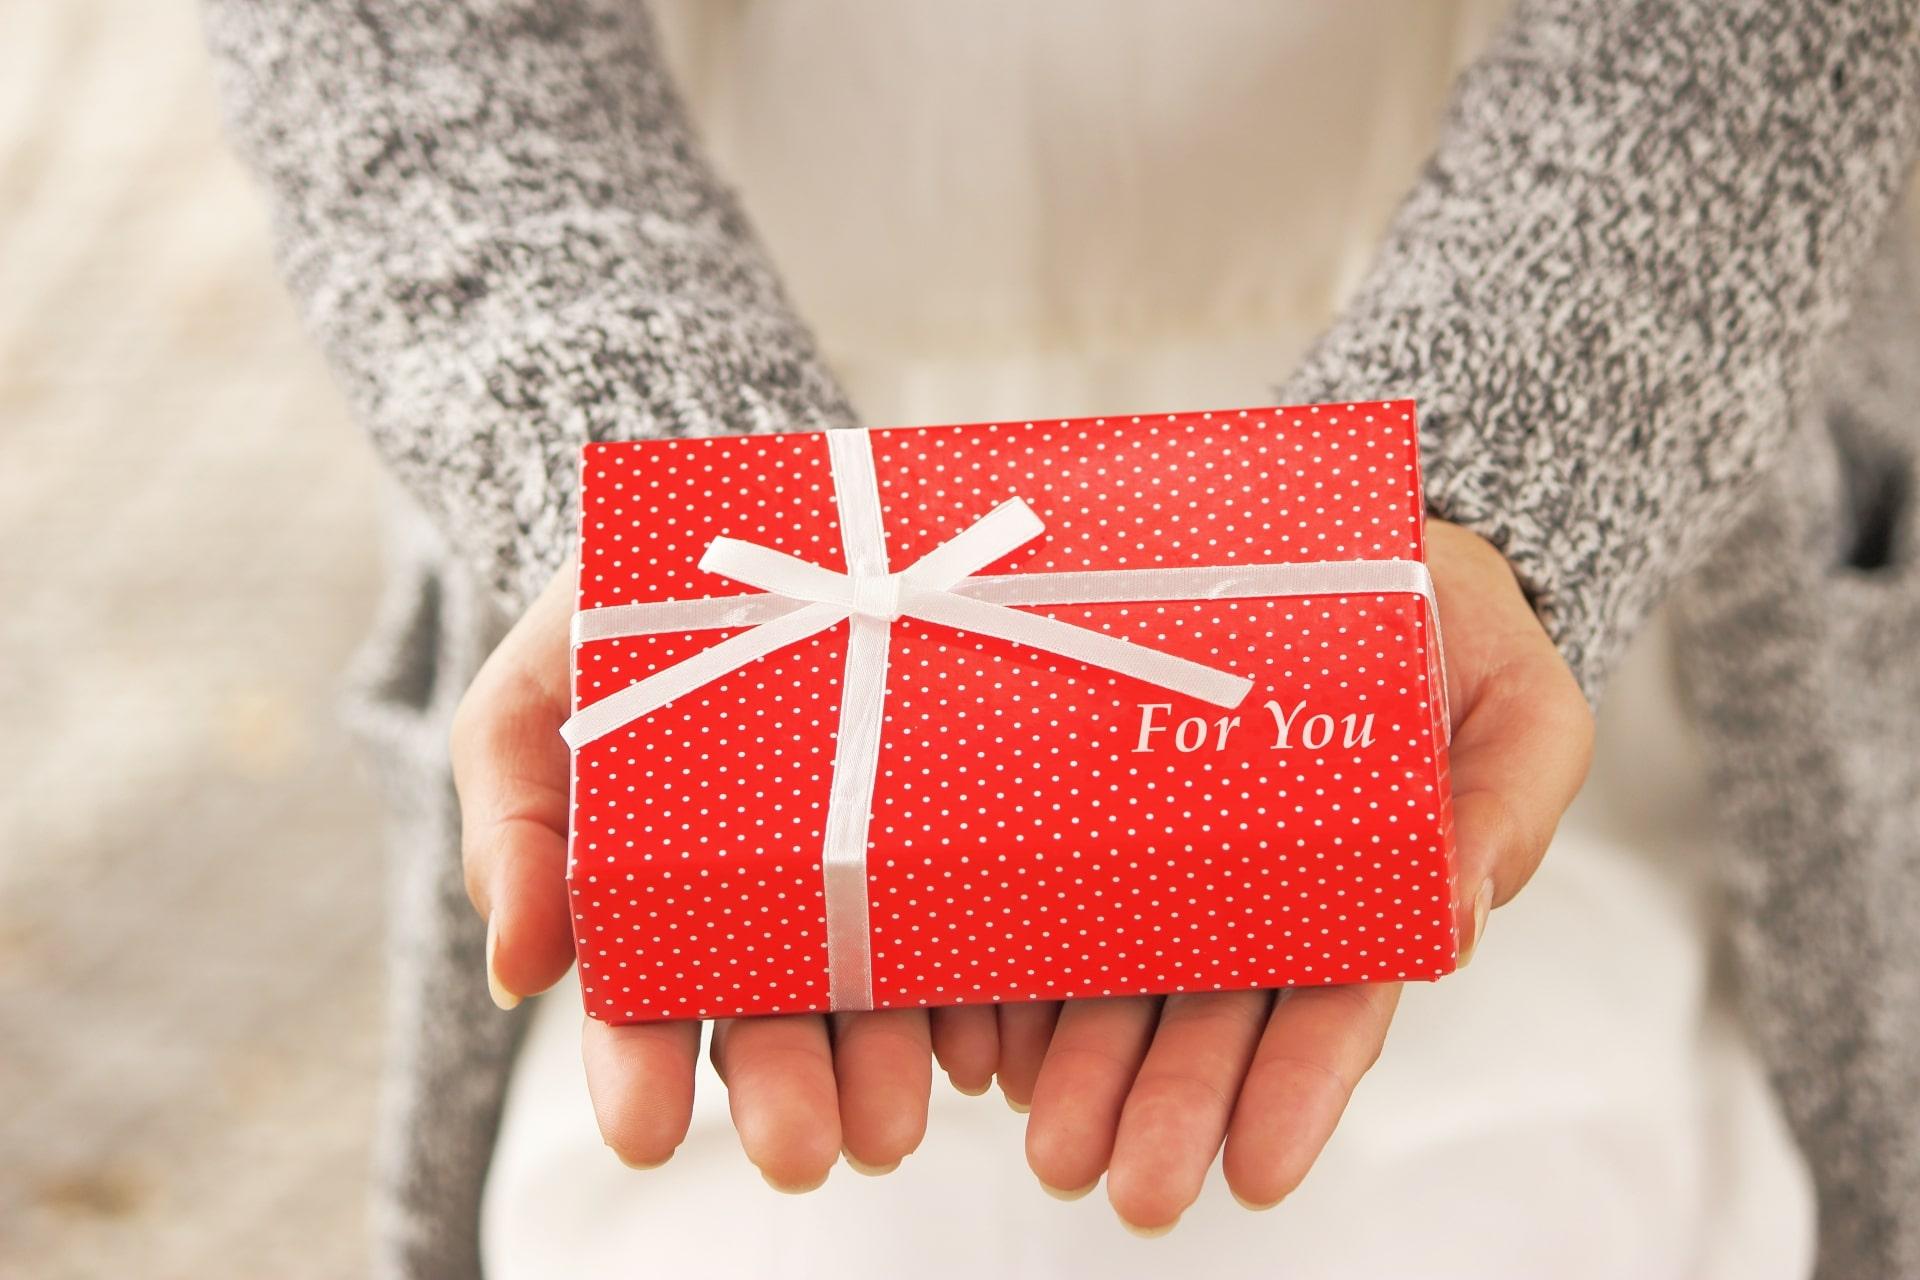 一人暮らしの男性がもらって嬉しいプレゼント